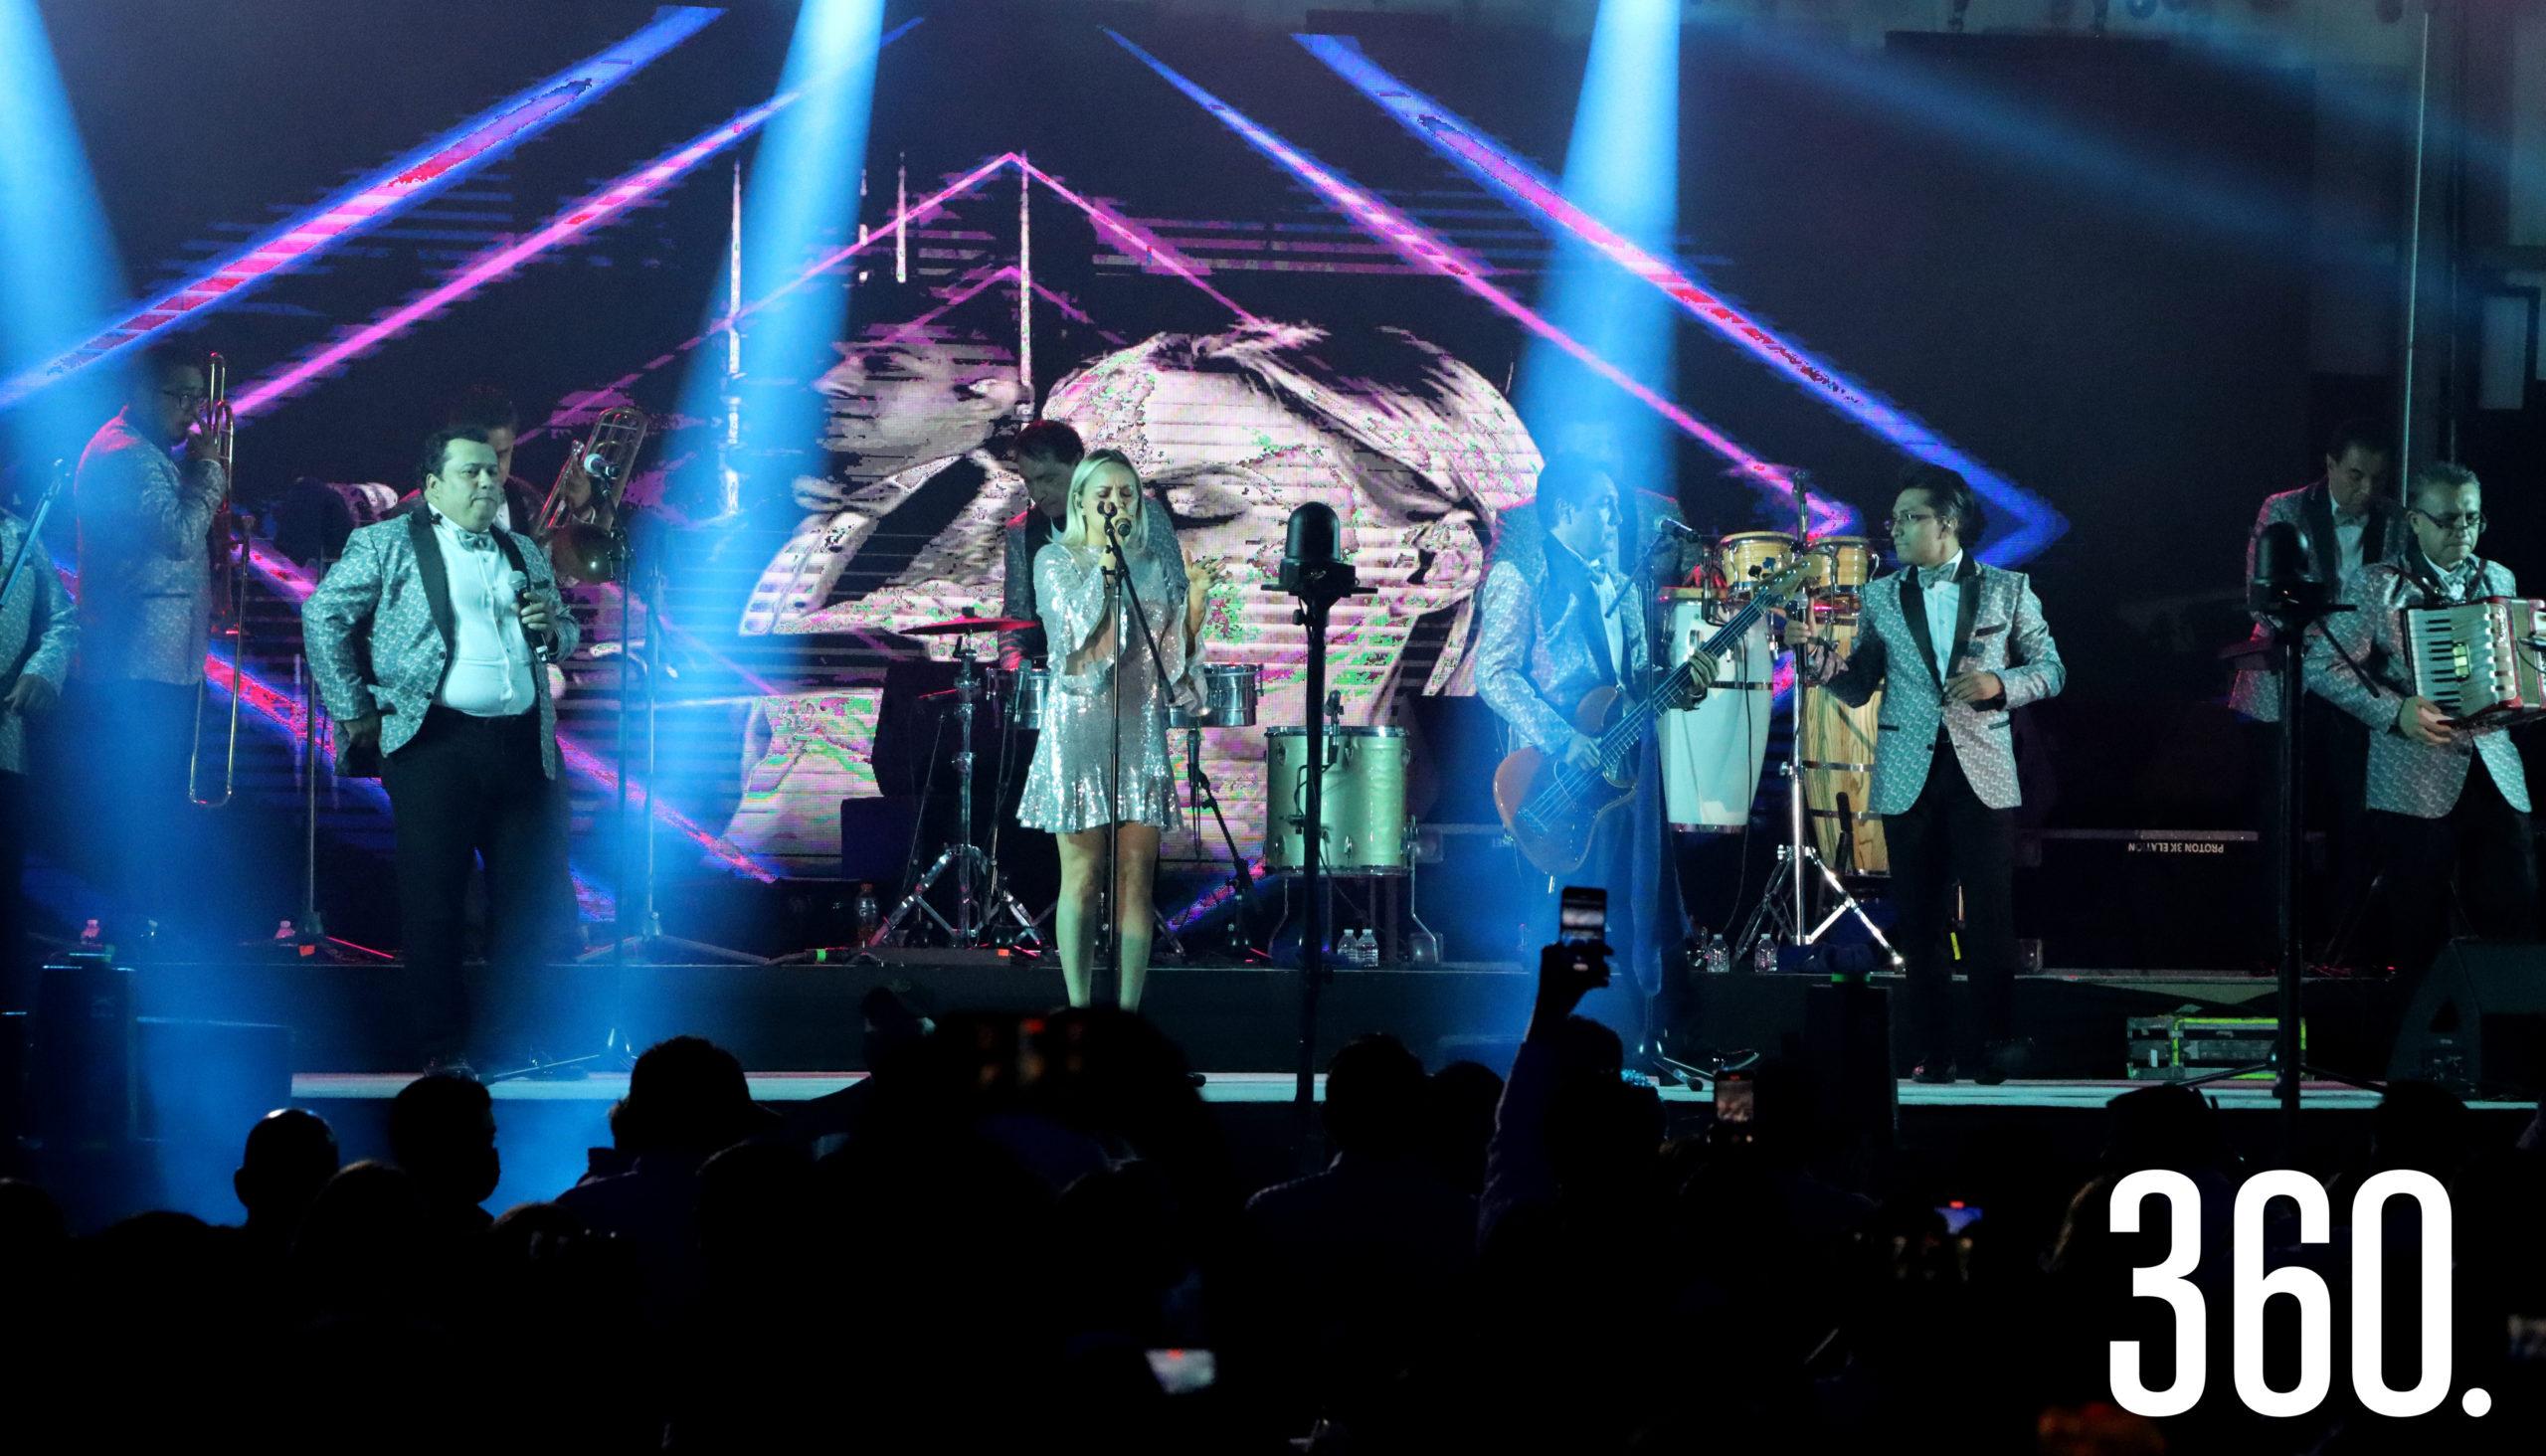 """Desde Ixtapalapa """"Los Ángeles Azules"""", presentaron su espectacular show en el viñedo Terra Serena."""